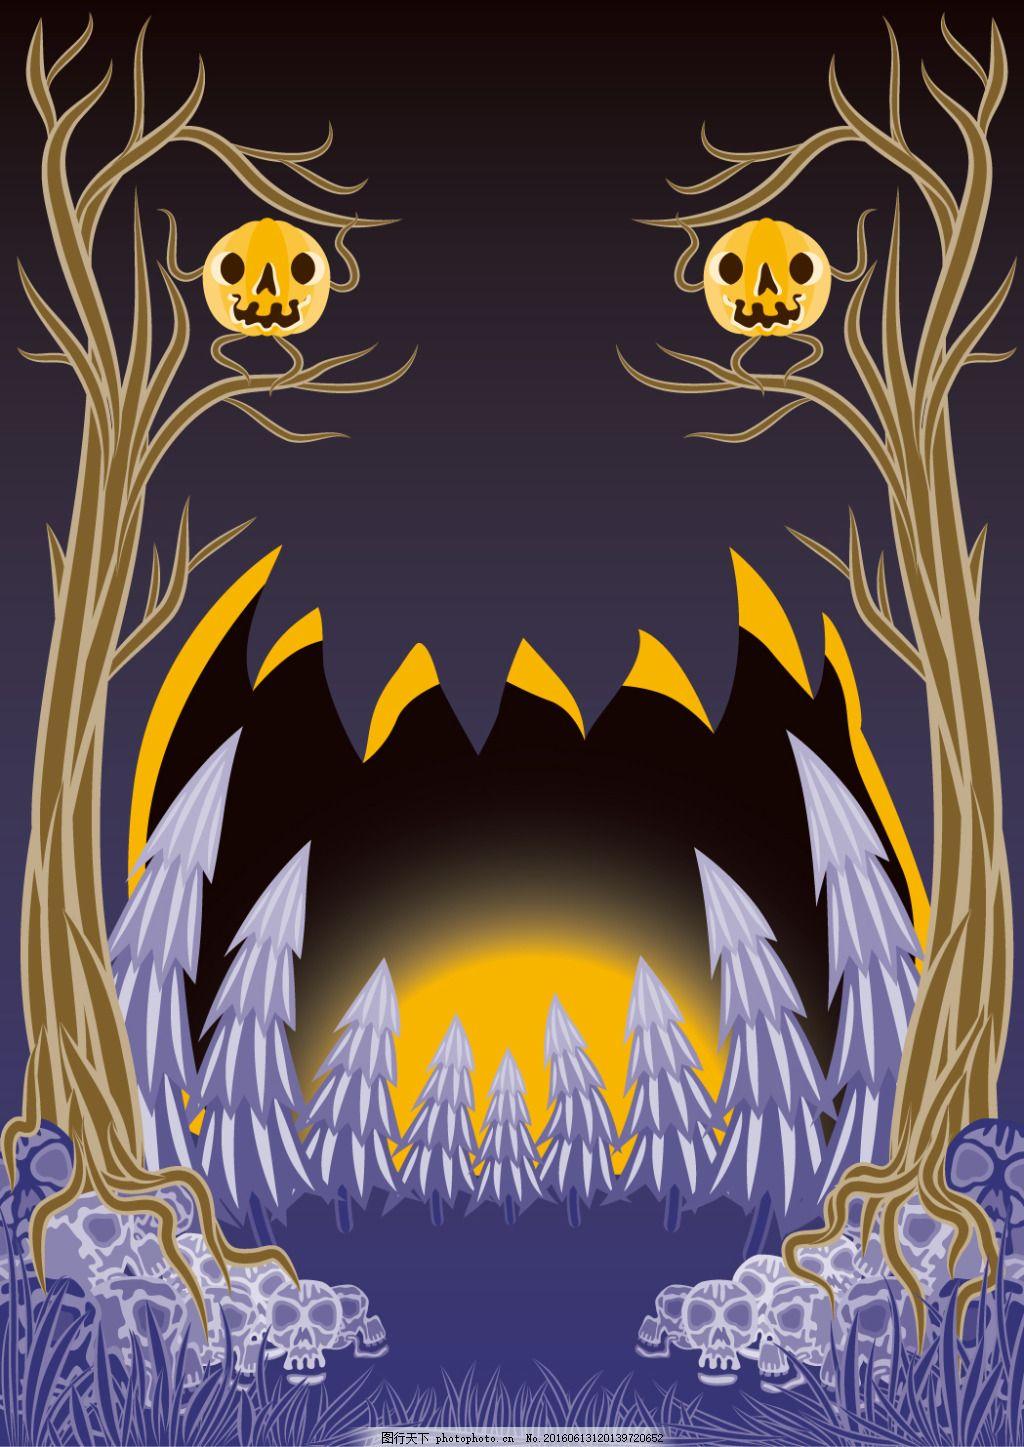 恐怖万圣节海报 恐怖素材 万圣节 万圣节素材 手绘插画 矢量插画 插画